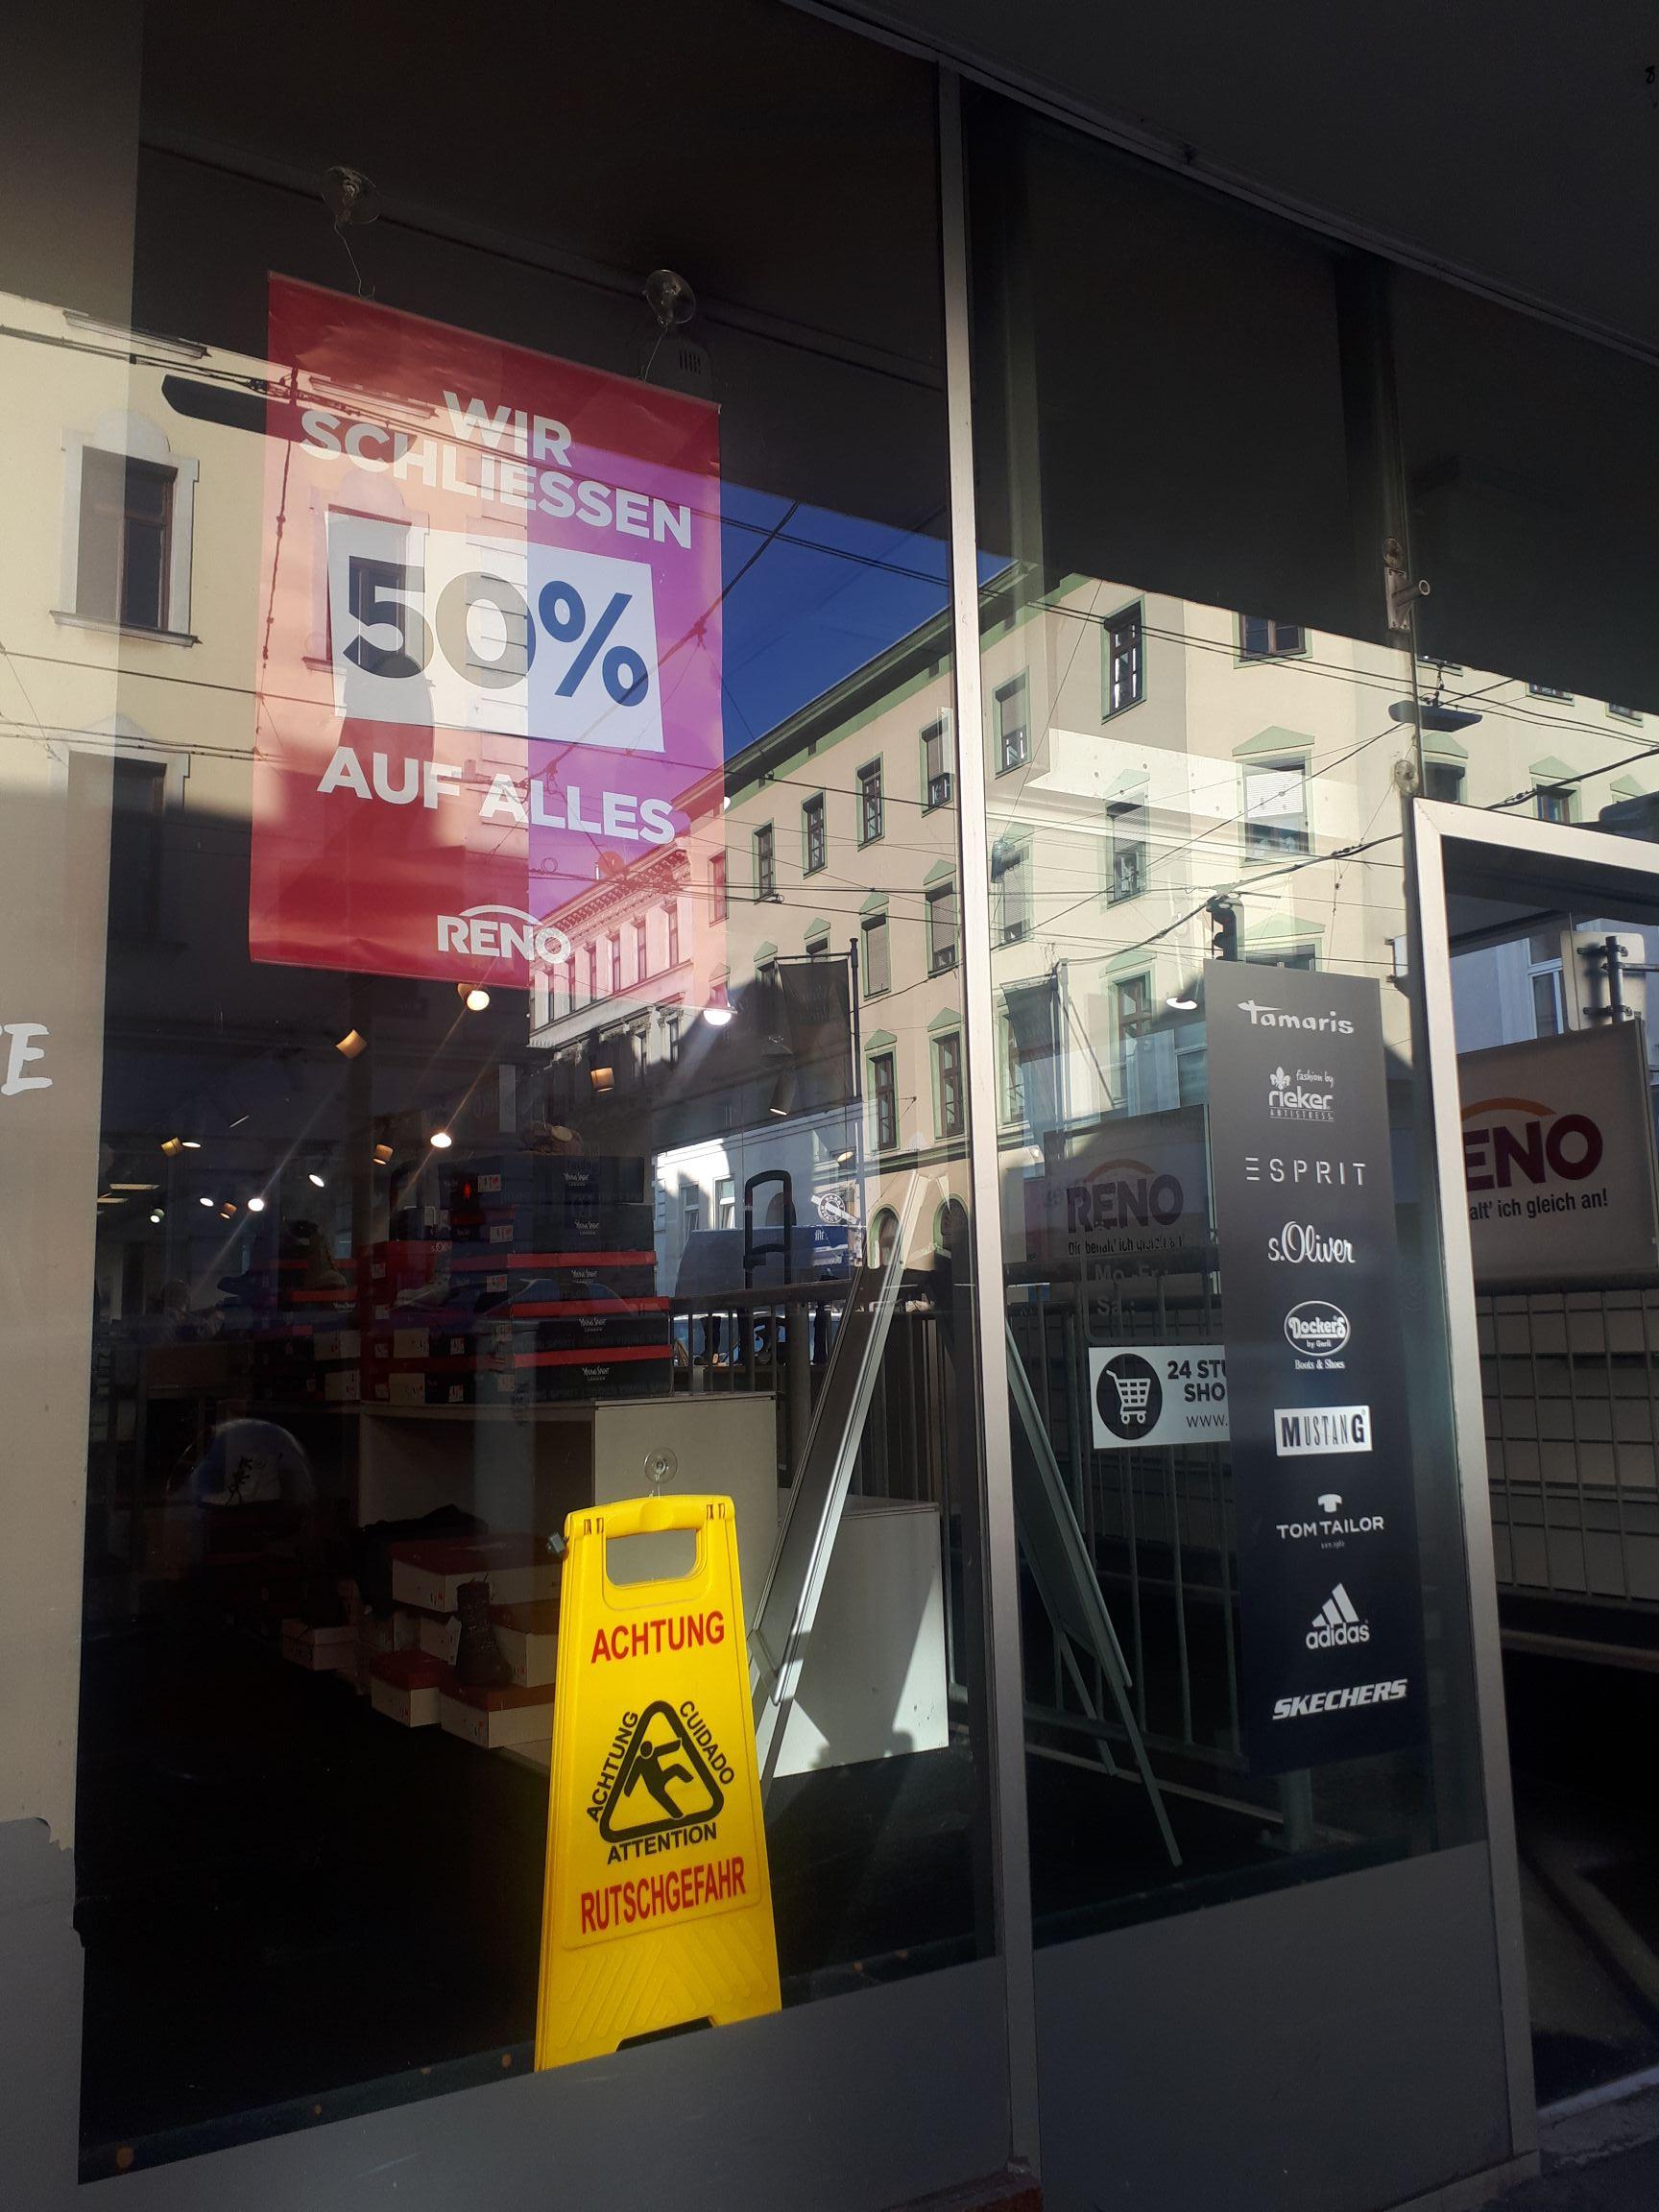 RENO auf der Thaliastraße ALLES - 50 % !!